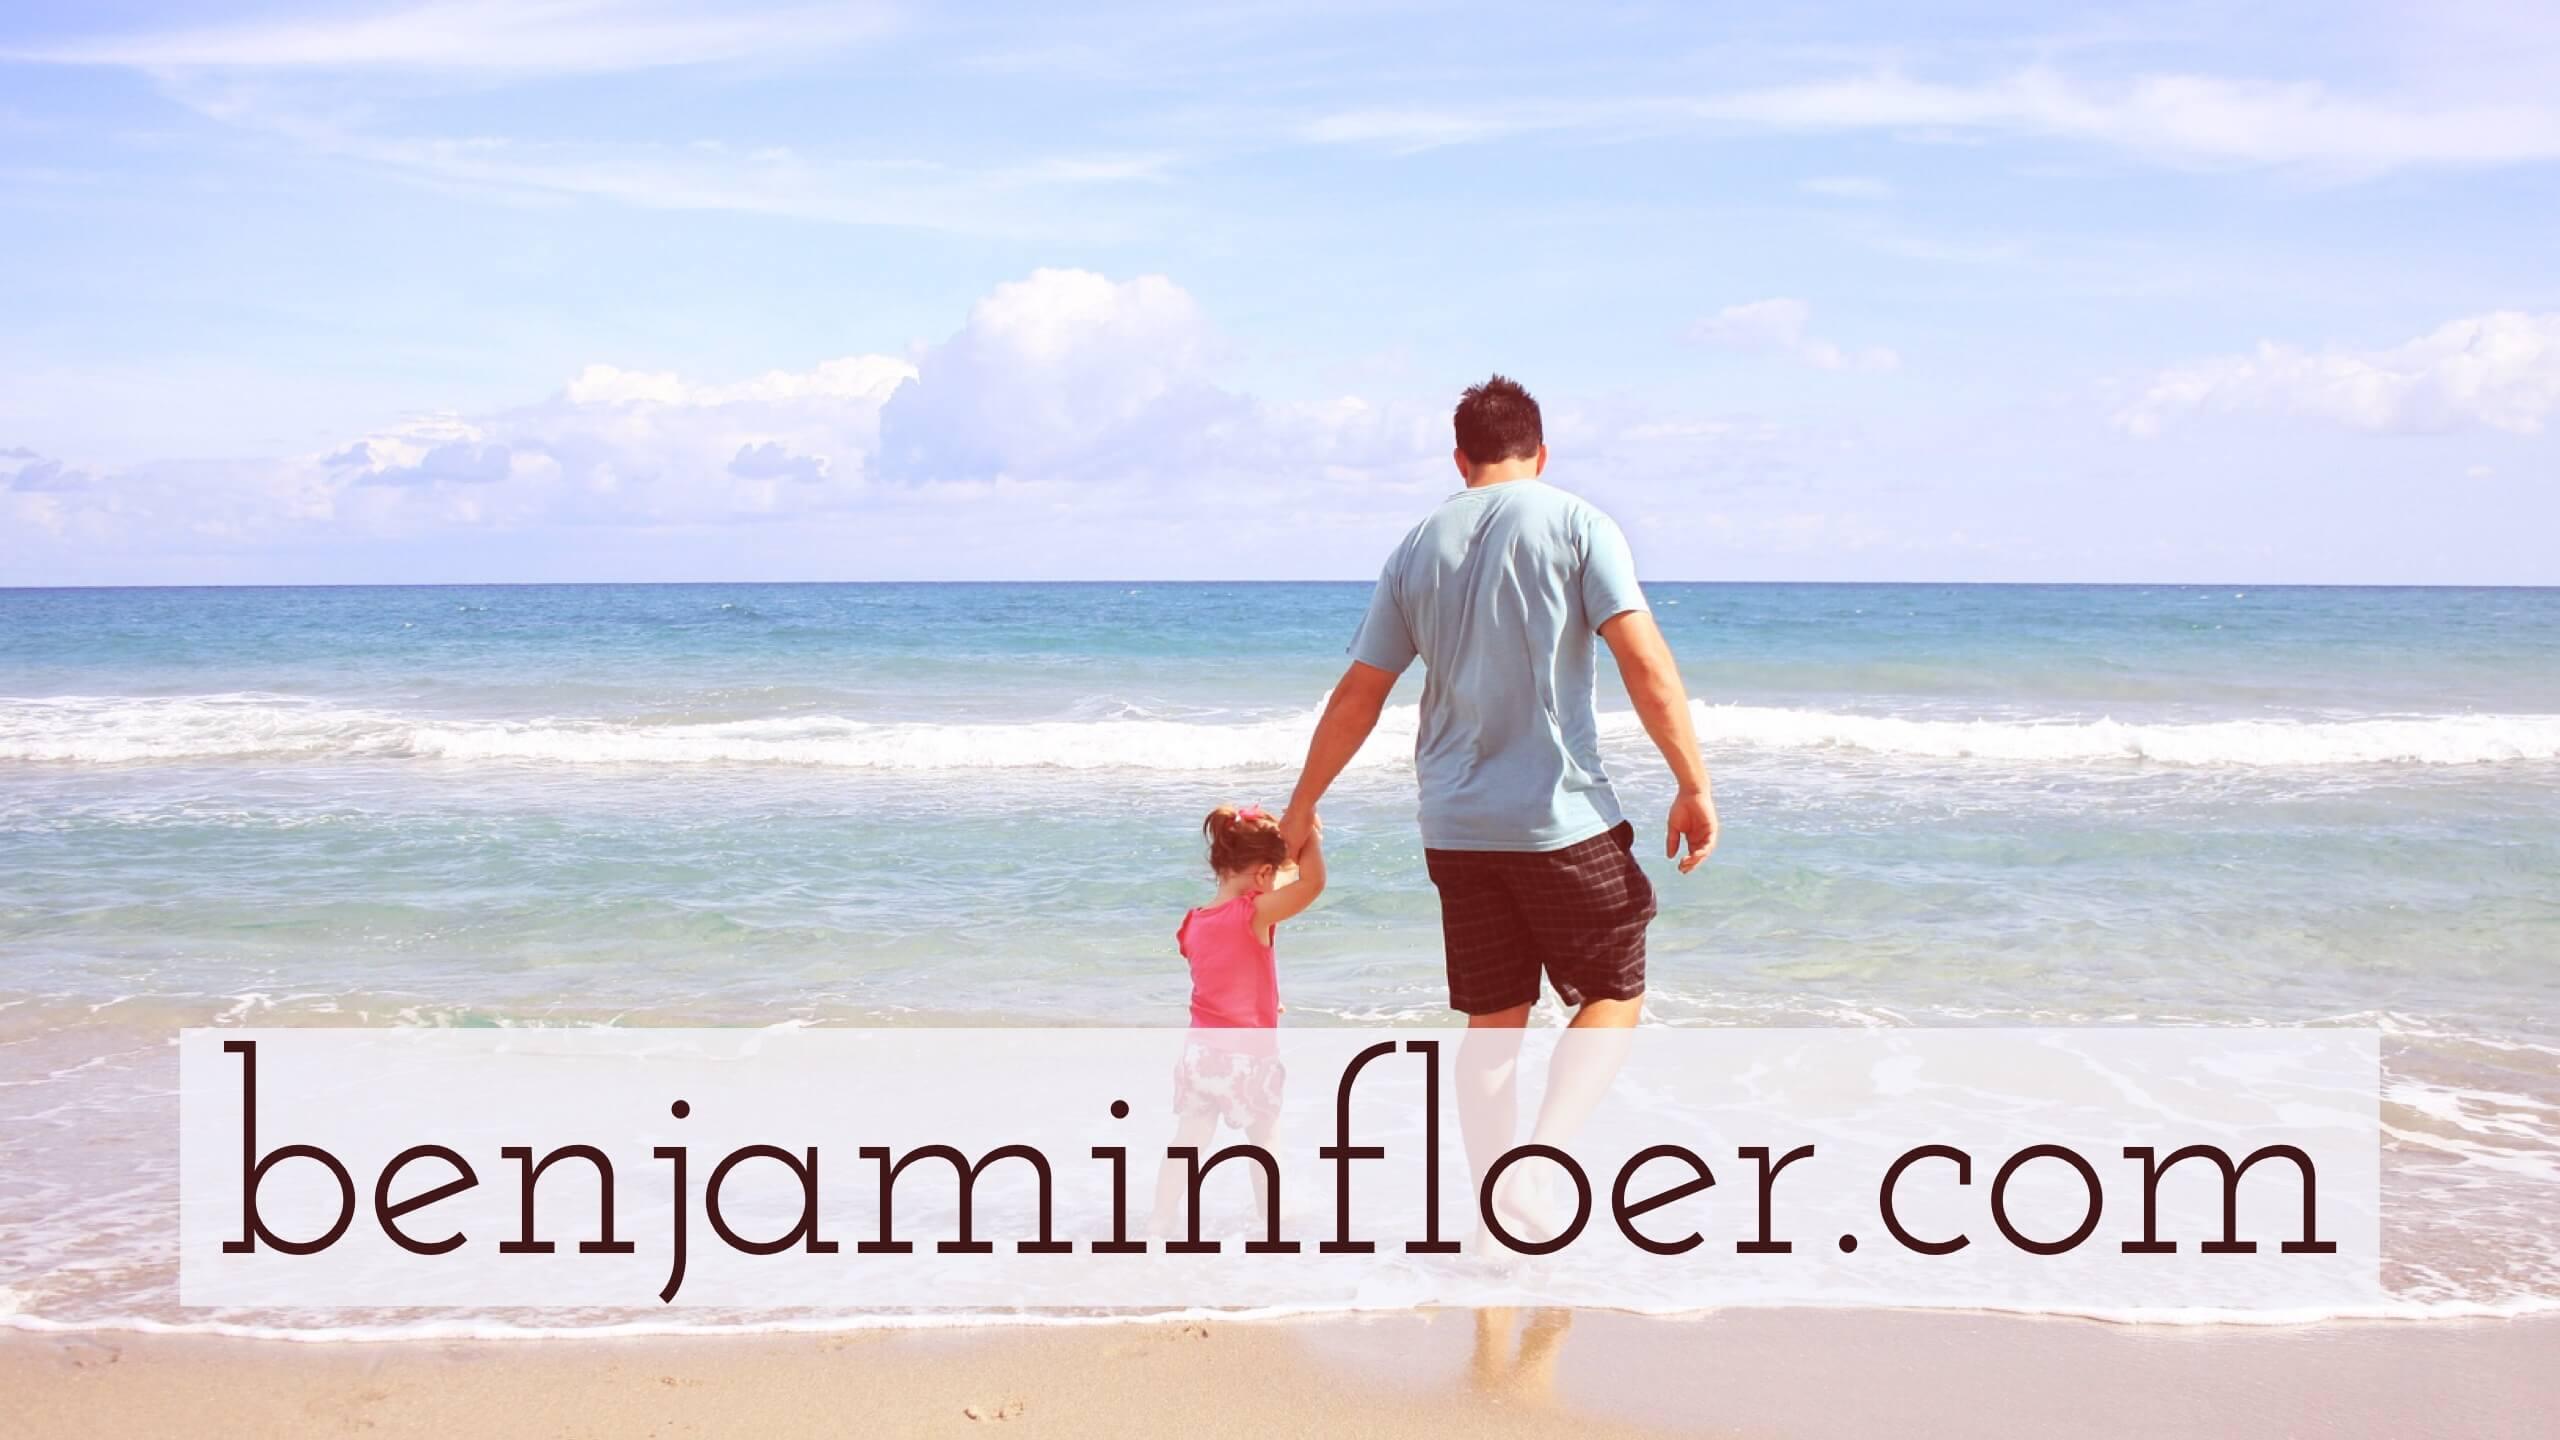 Hast du schon mal von einem Vater gehört, der viel Zeit mit seinen Kindern verbringt - und dabei seinen Beruf liebt?